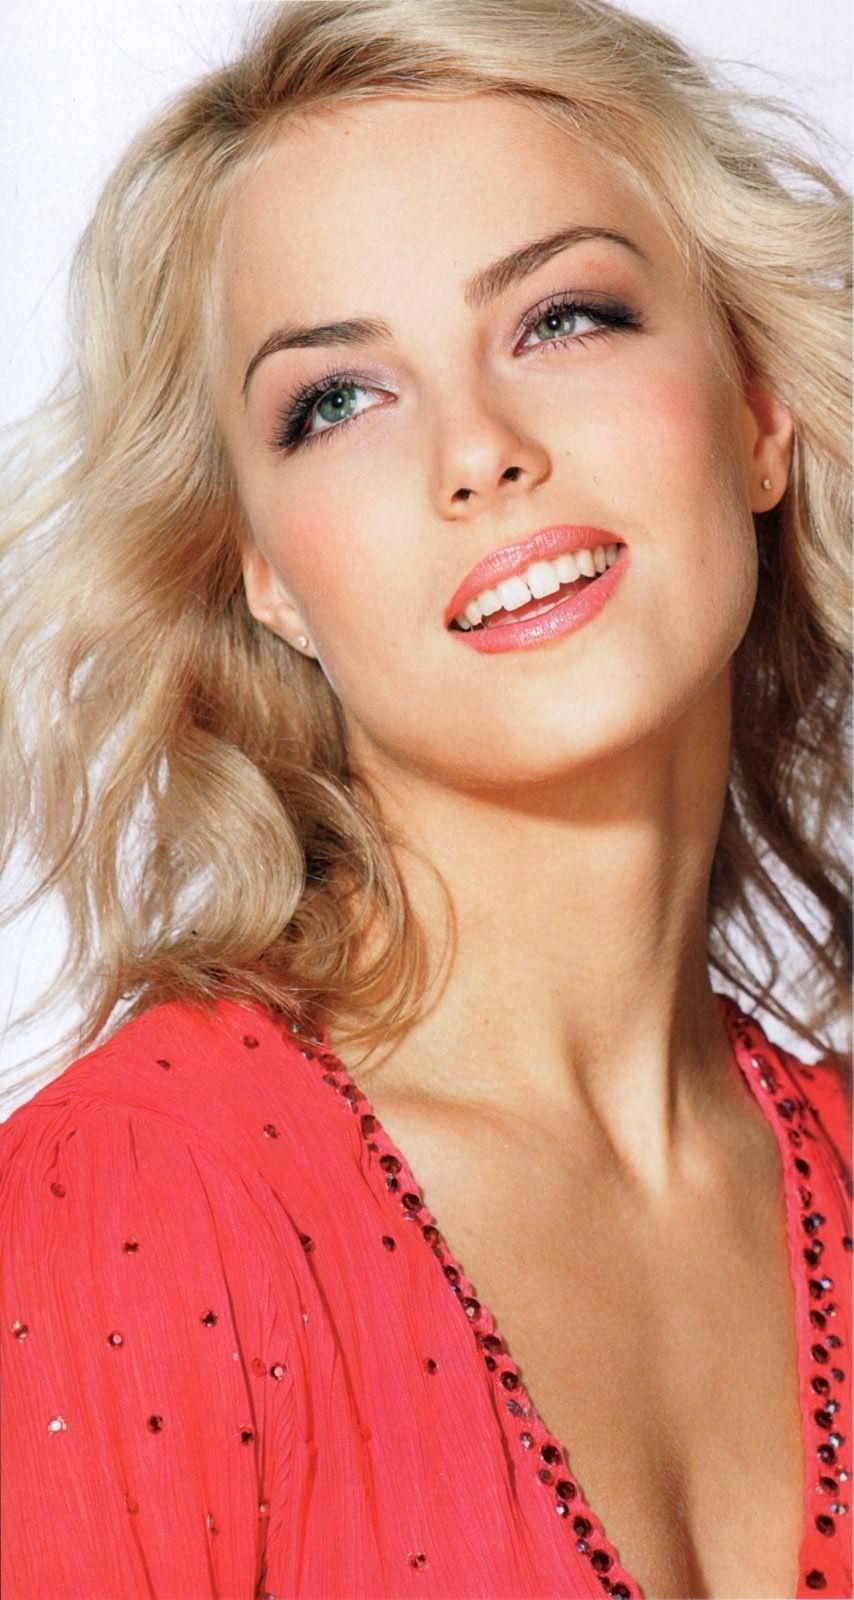 フィンランドのフィギュアスケート選手キーラ・リンダ・カトリーナ・コルピが美人すぎて抜けるwwwww 0414